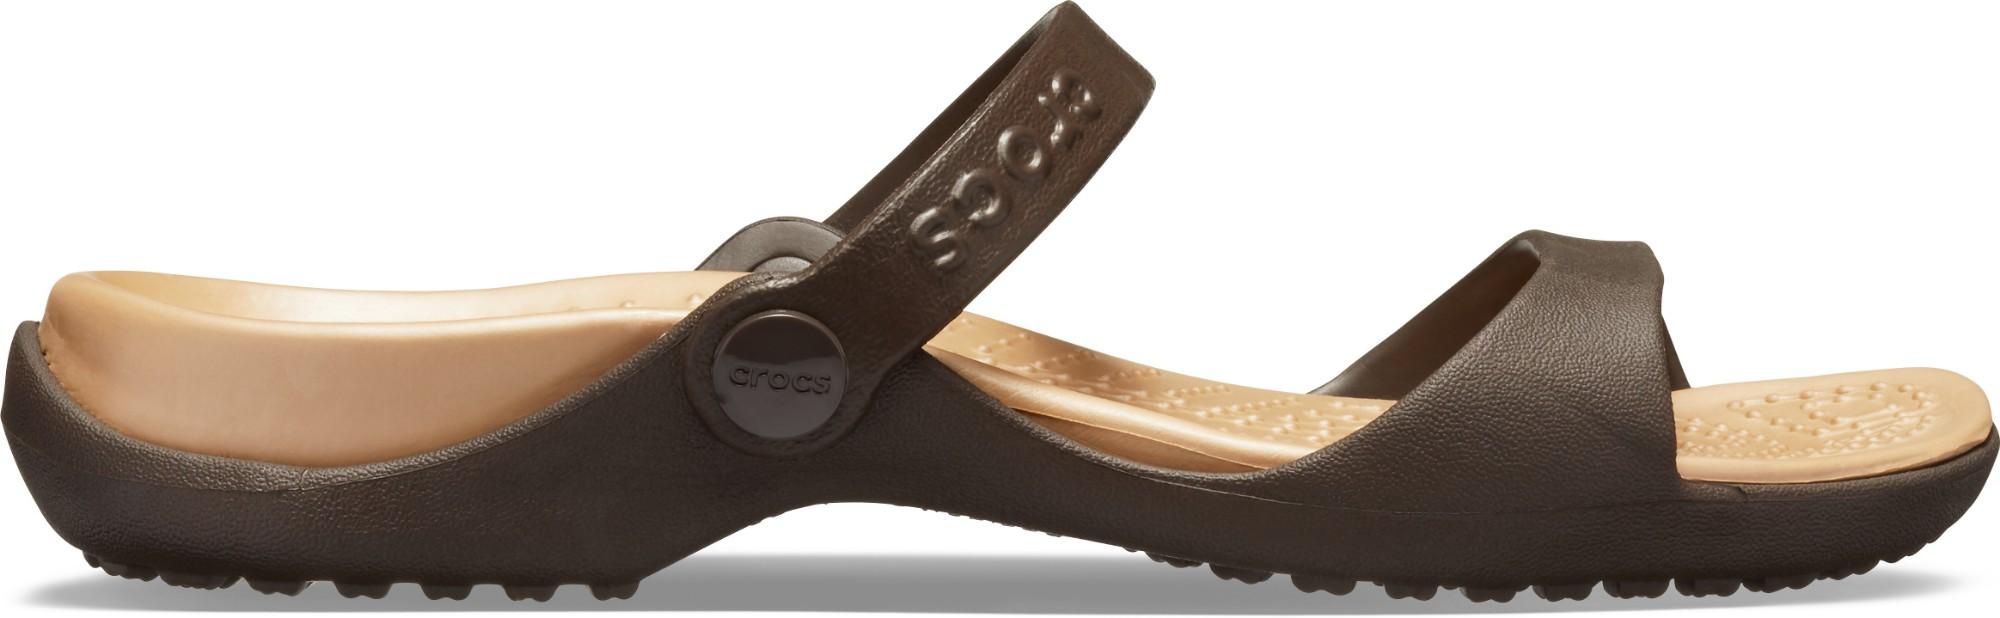 Crocs™ Cleo Espresso/Gold 41